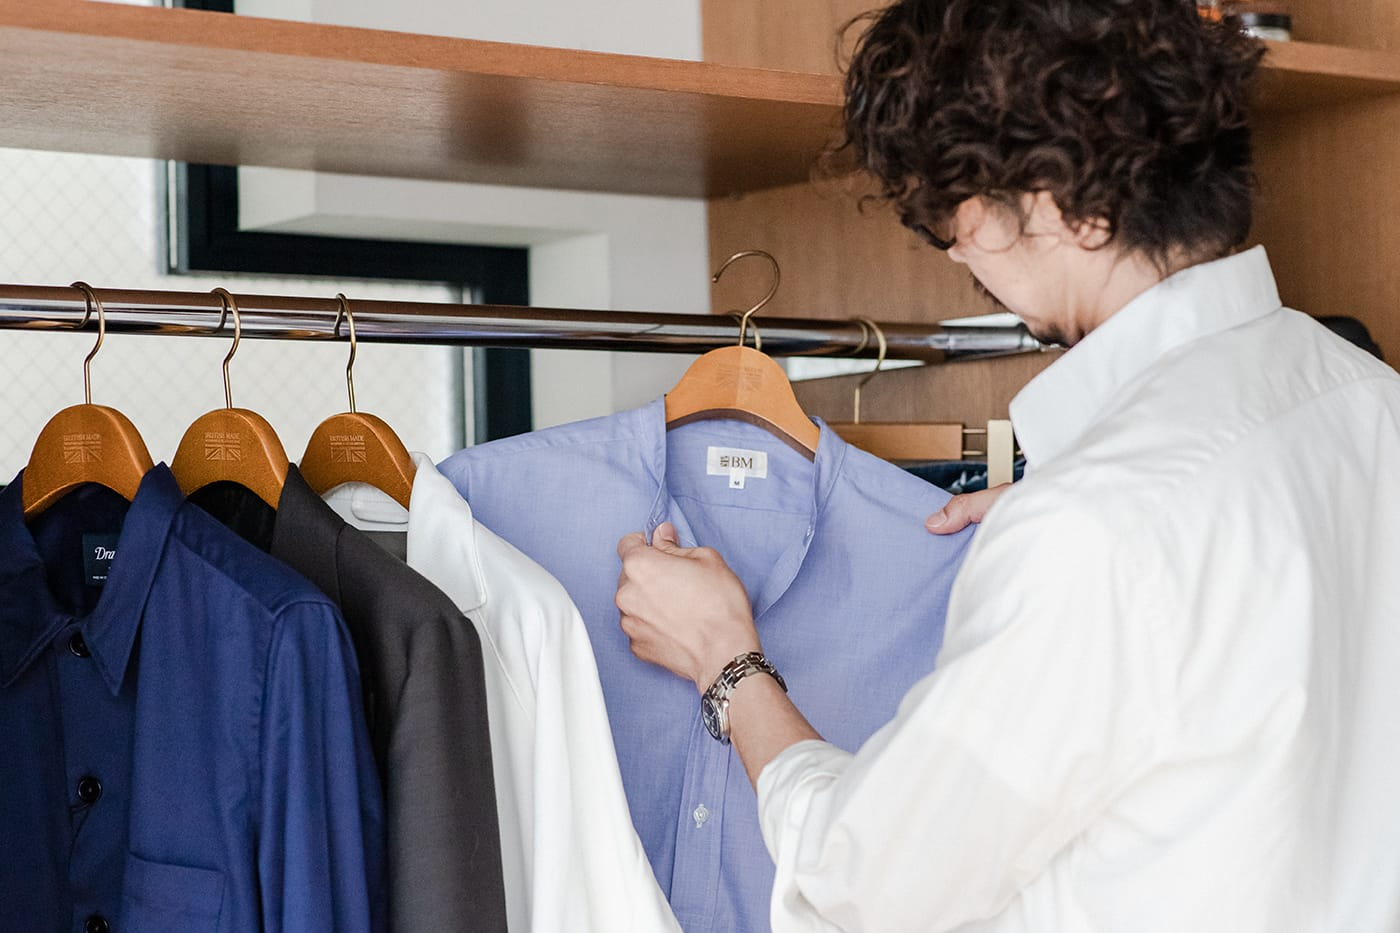 オフィサーシャツ「プリマス」 サンプルを何度もチェックして、納得がいくまで作り込み